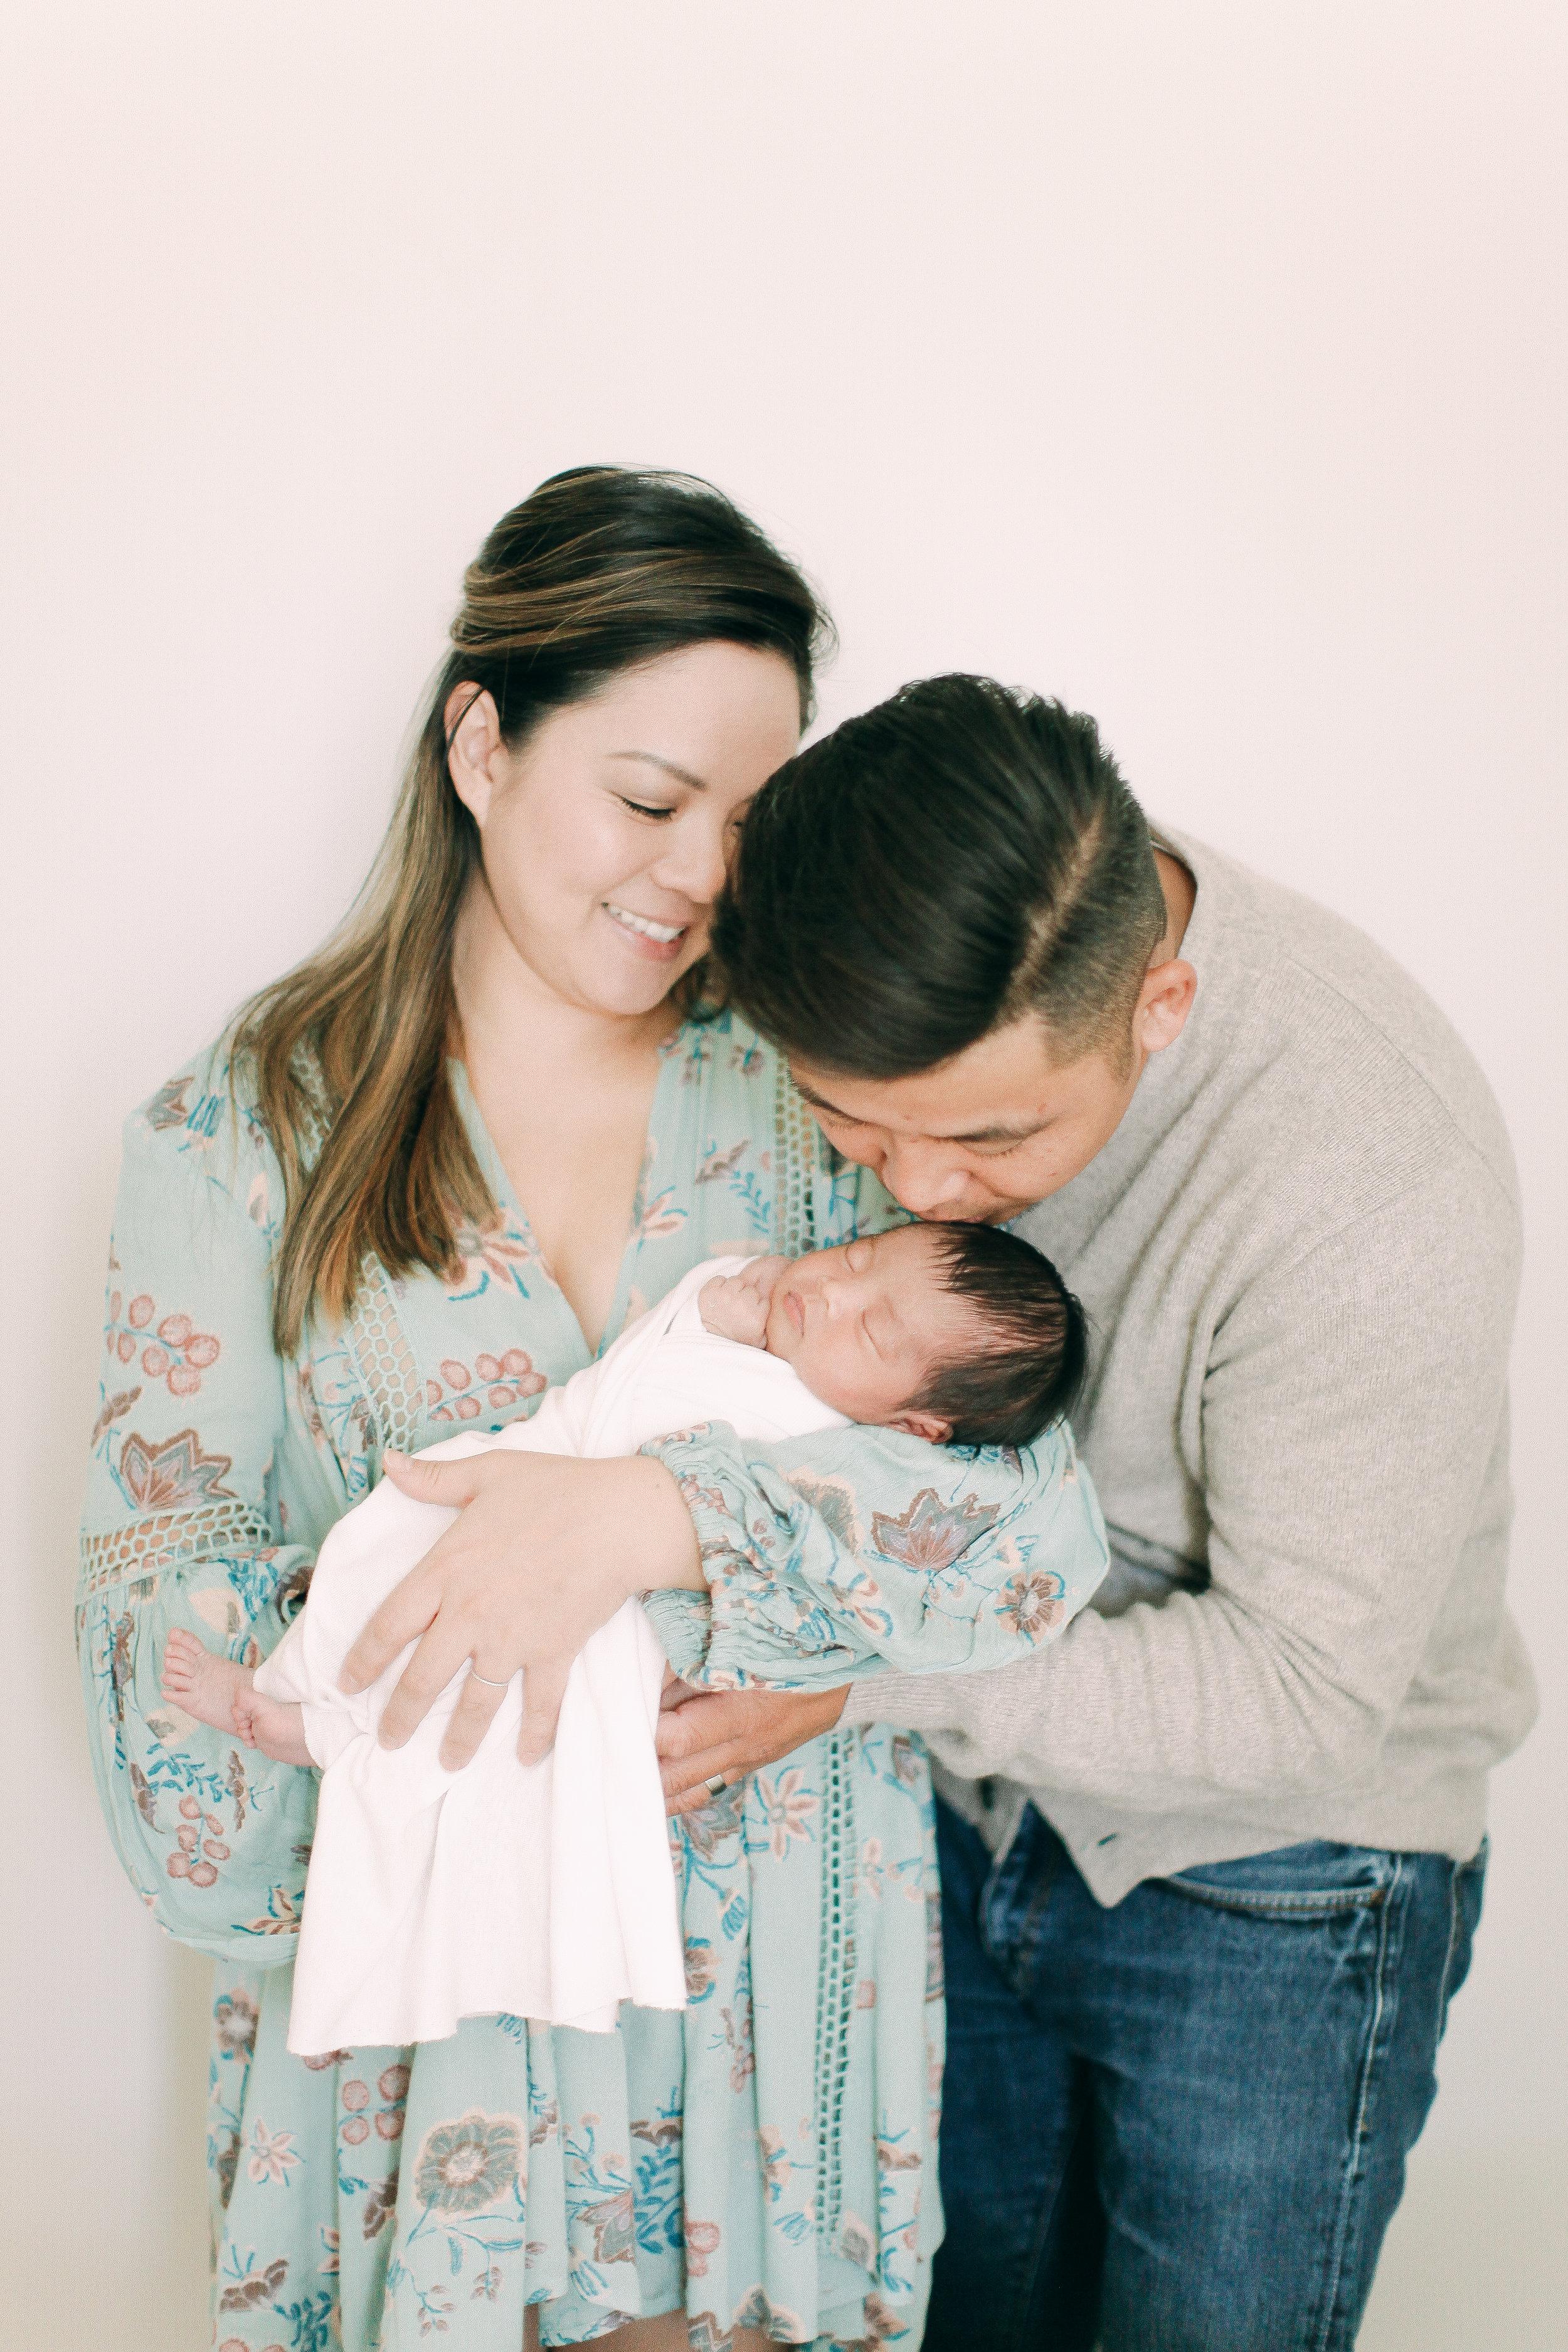 Cori Kleckner Photography- Uyen Family Session 1-158.JPG